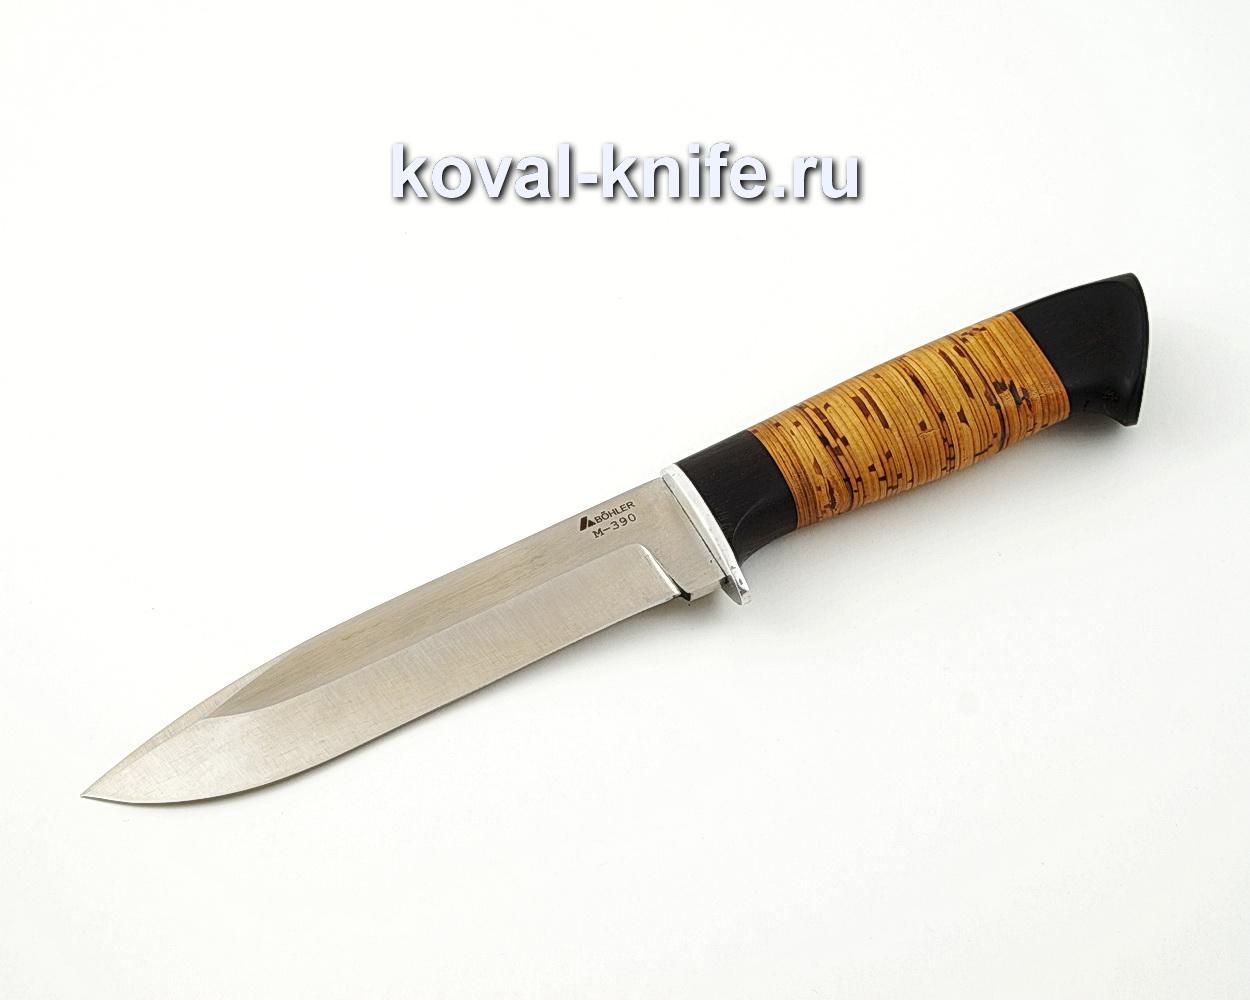 Нож Олимп из порошковой стали М390 с рукоятью из бересты и граба A562